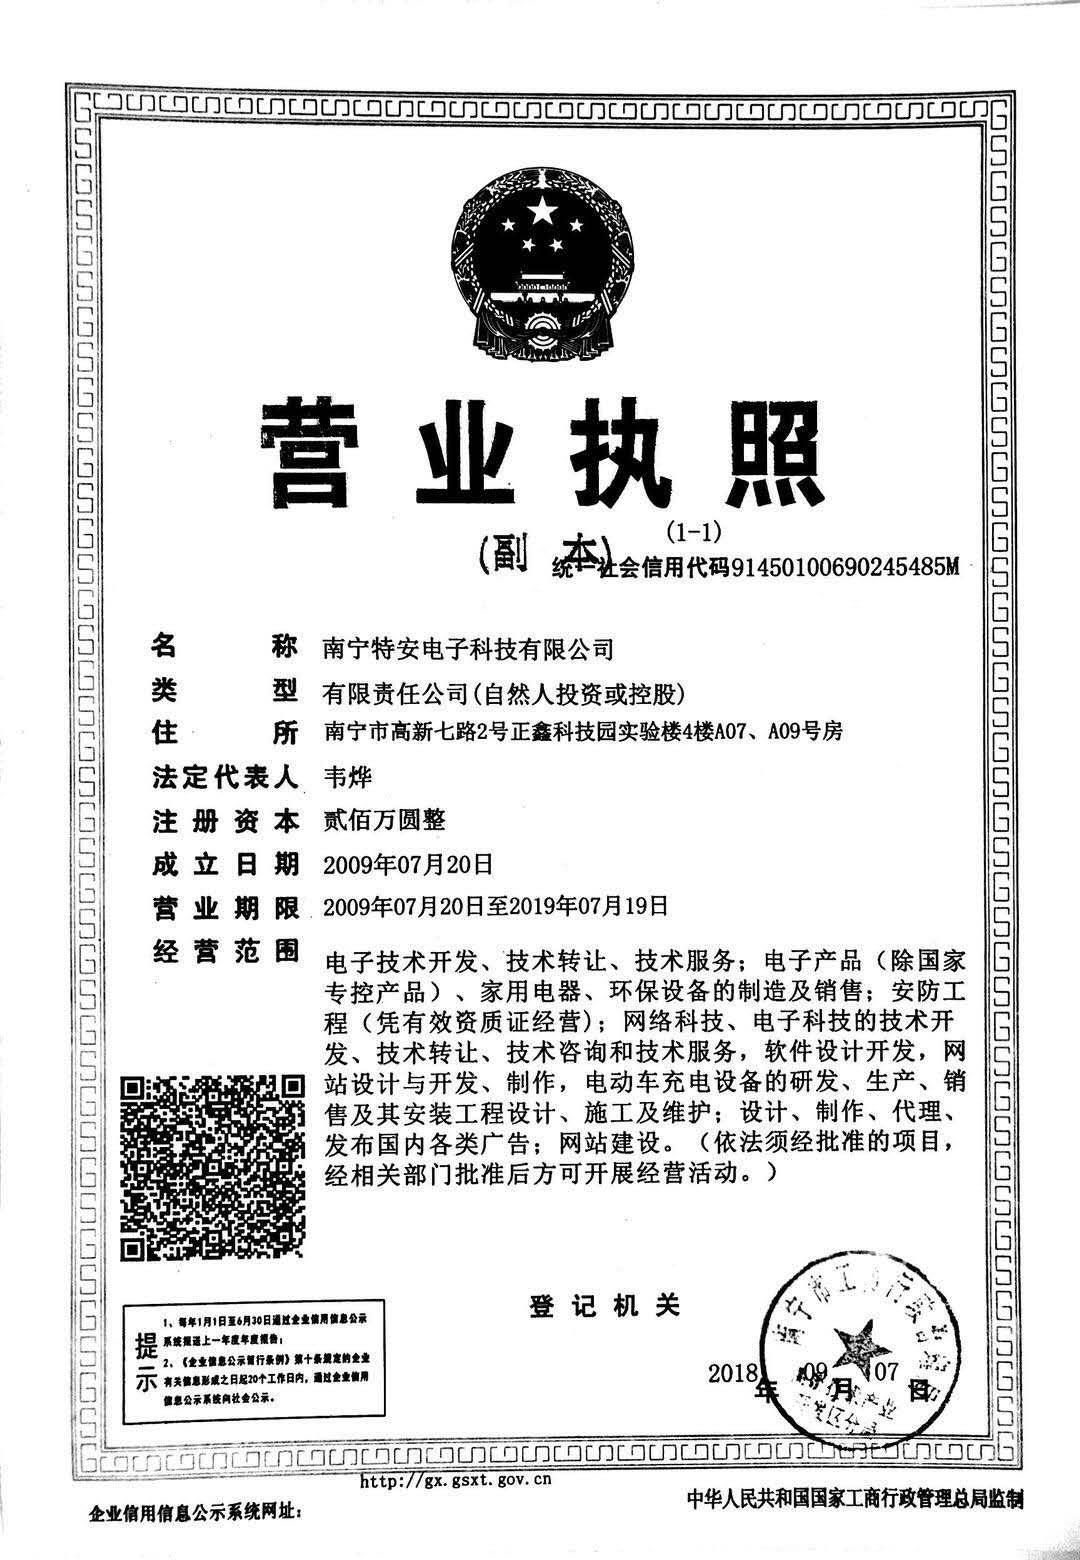 南宁特安电子科技有限公司